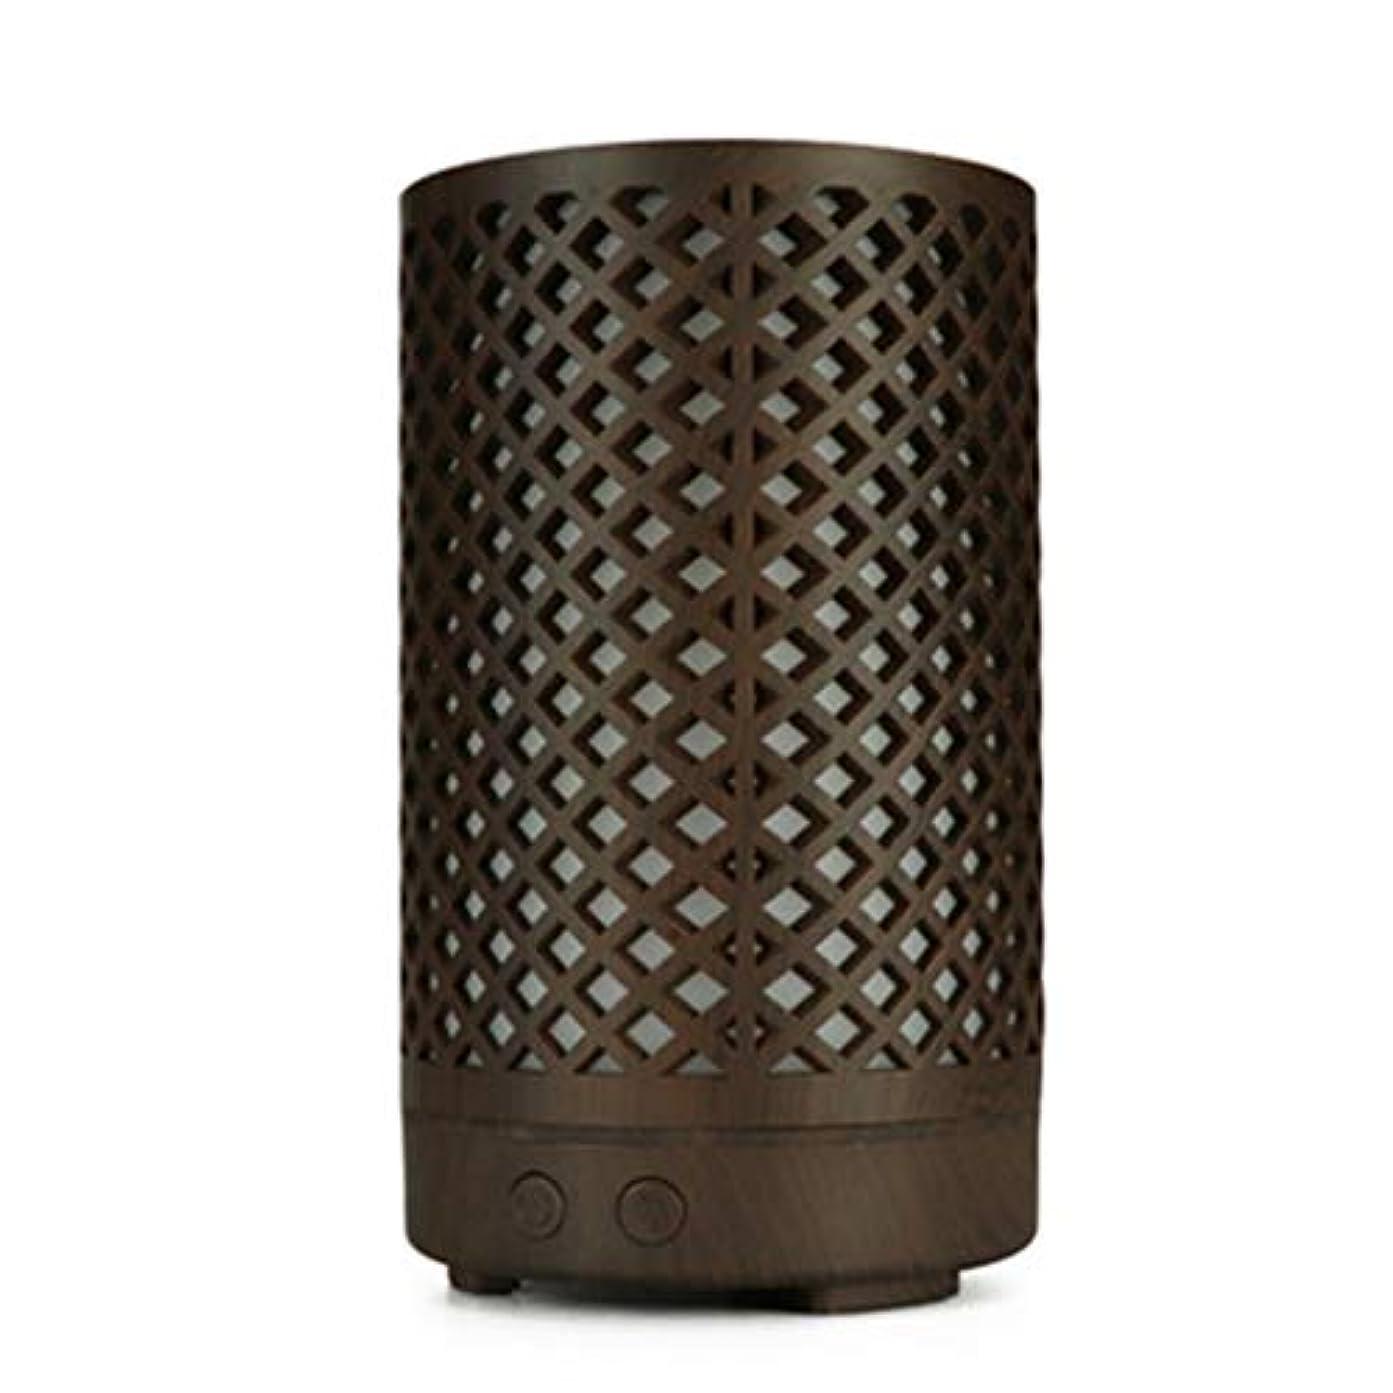 ウール受ける喉頭木目加湿器家庭用100ミリリットルミニデスクトップカラフルなアロマテラピーマシン (Color : Dark wood grain)